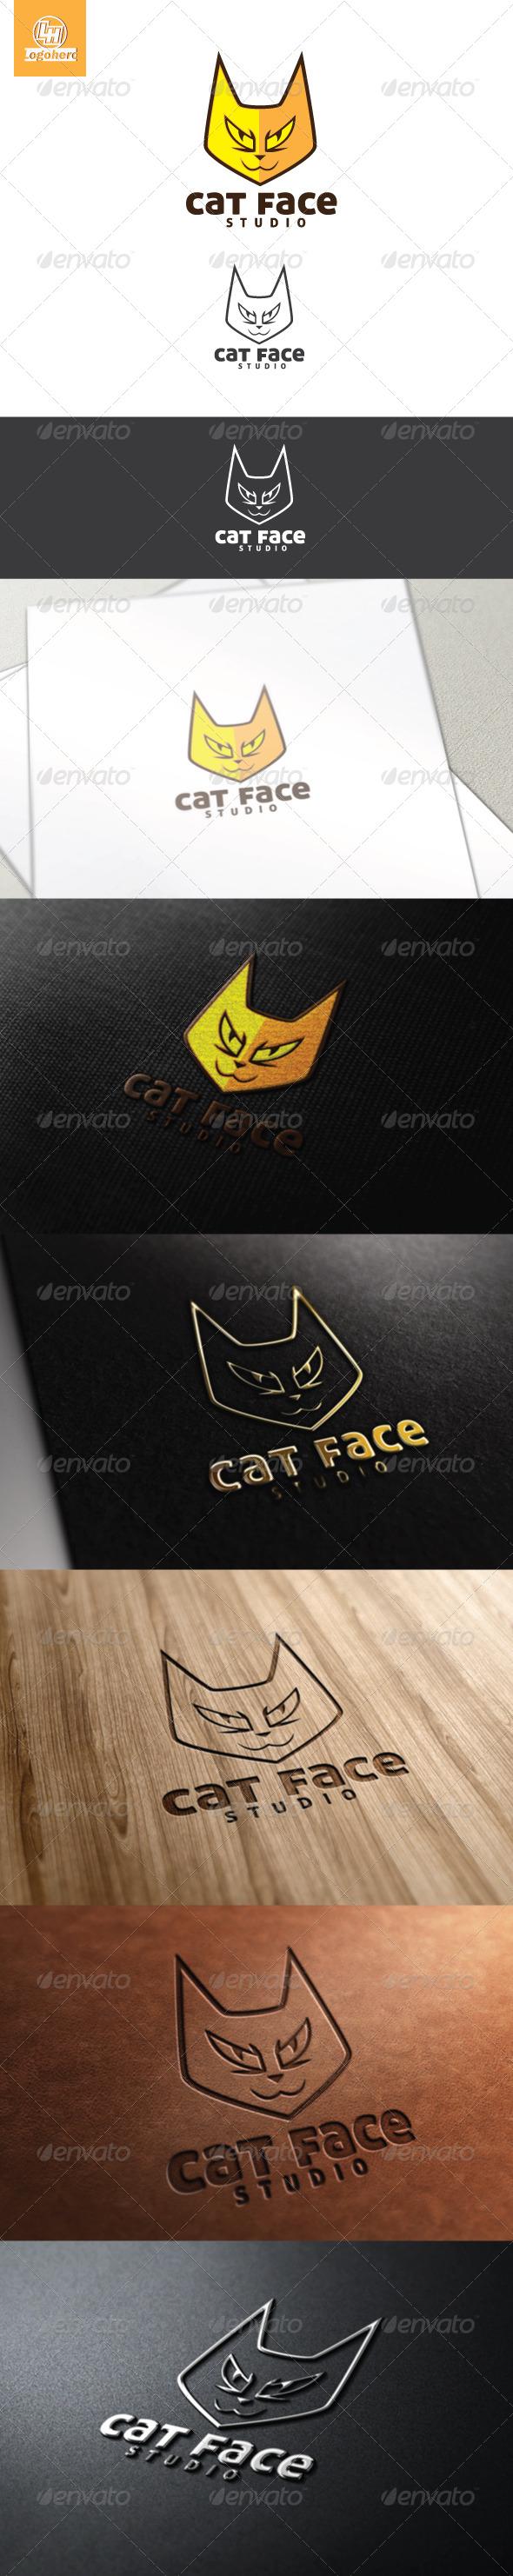 Cat Face Logo Template - Animals Logo Templates